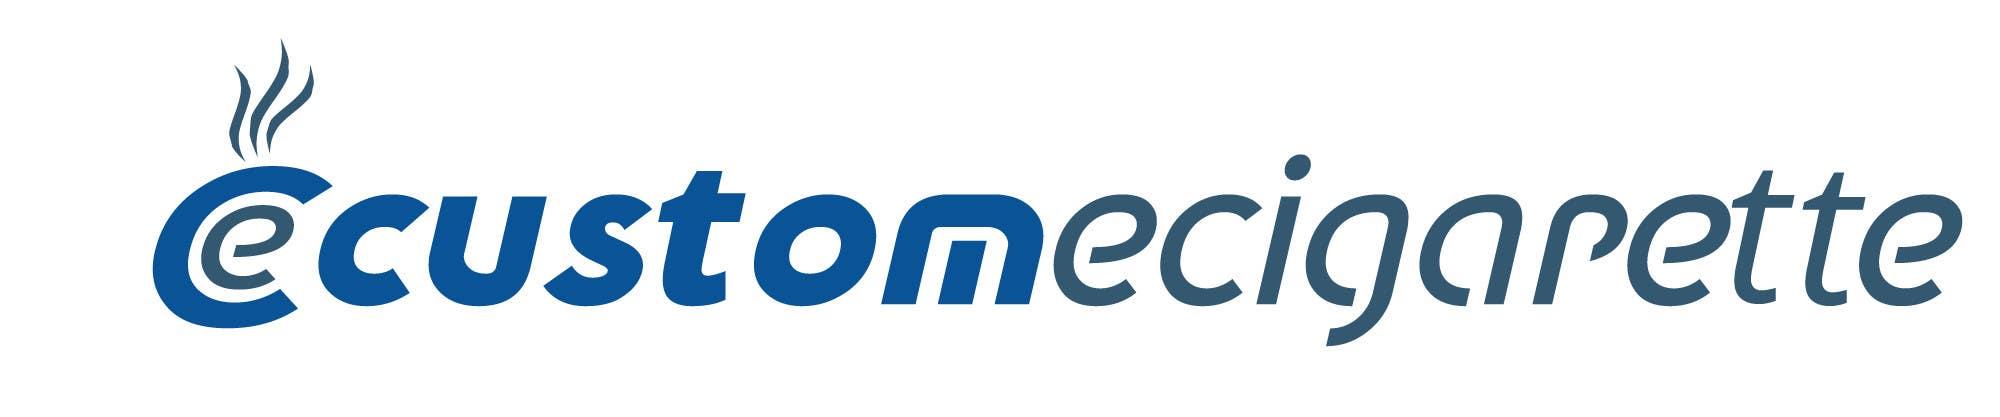 Kilpailutyö #8 kilpailussa Design a Logo for eCommerce site